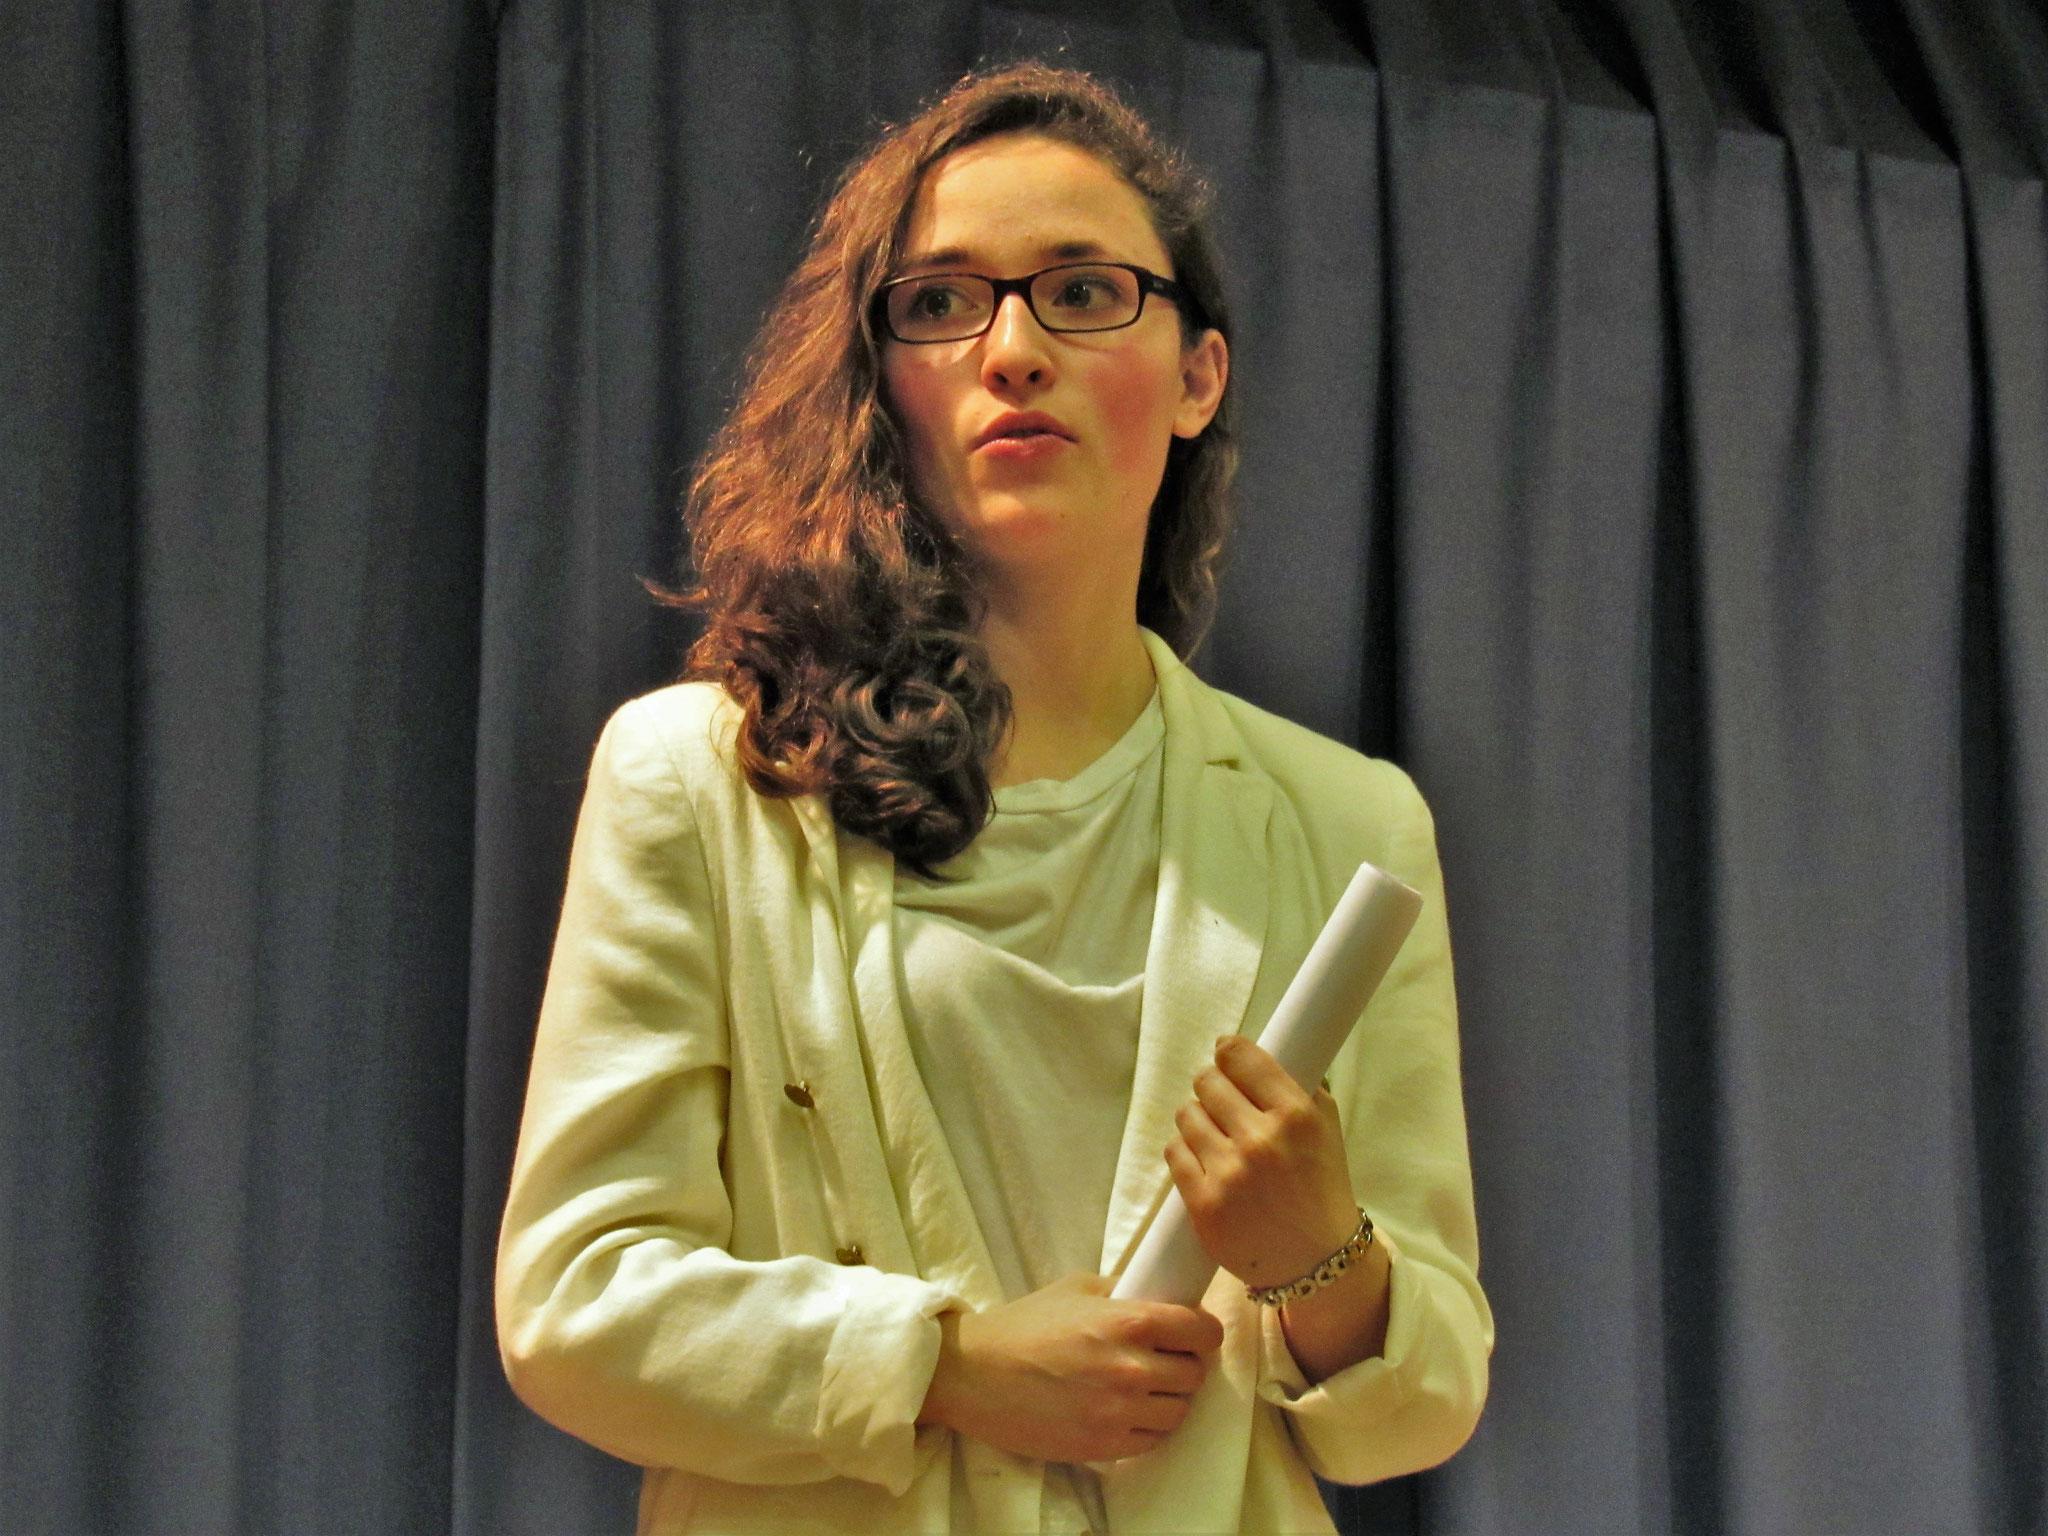 Aurélie, la Présidente du Massillon UNESCO Club, fait son discous de remerciement